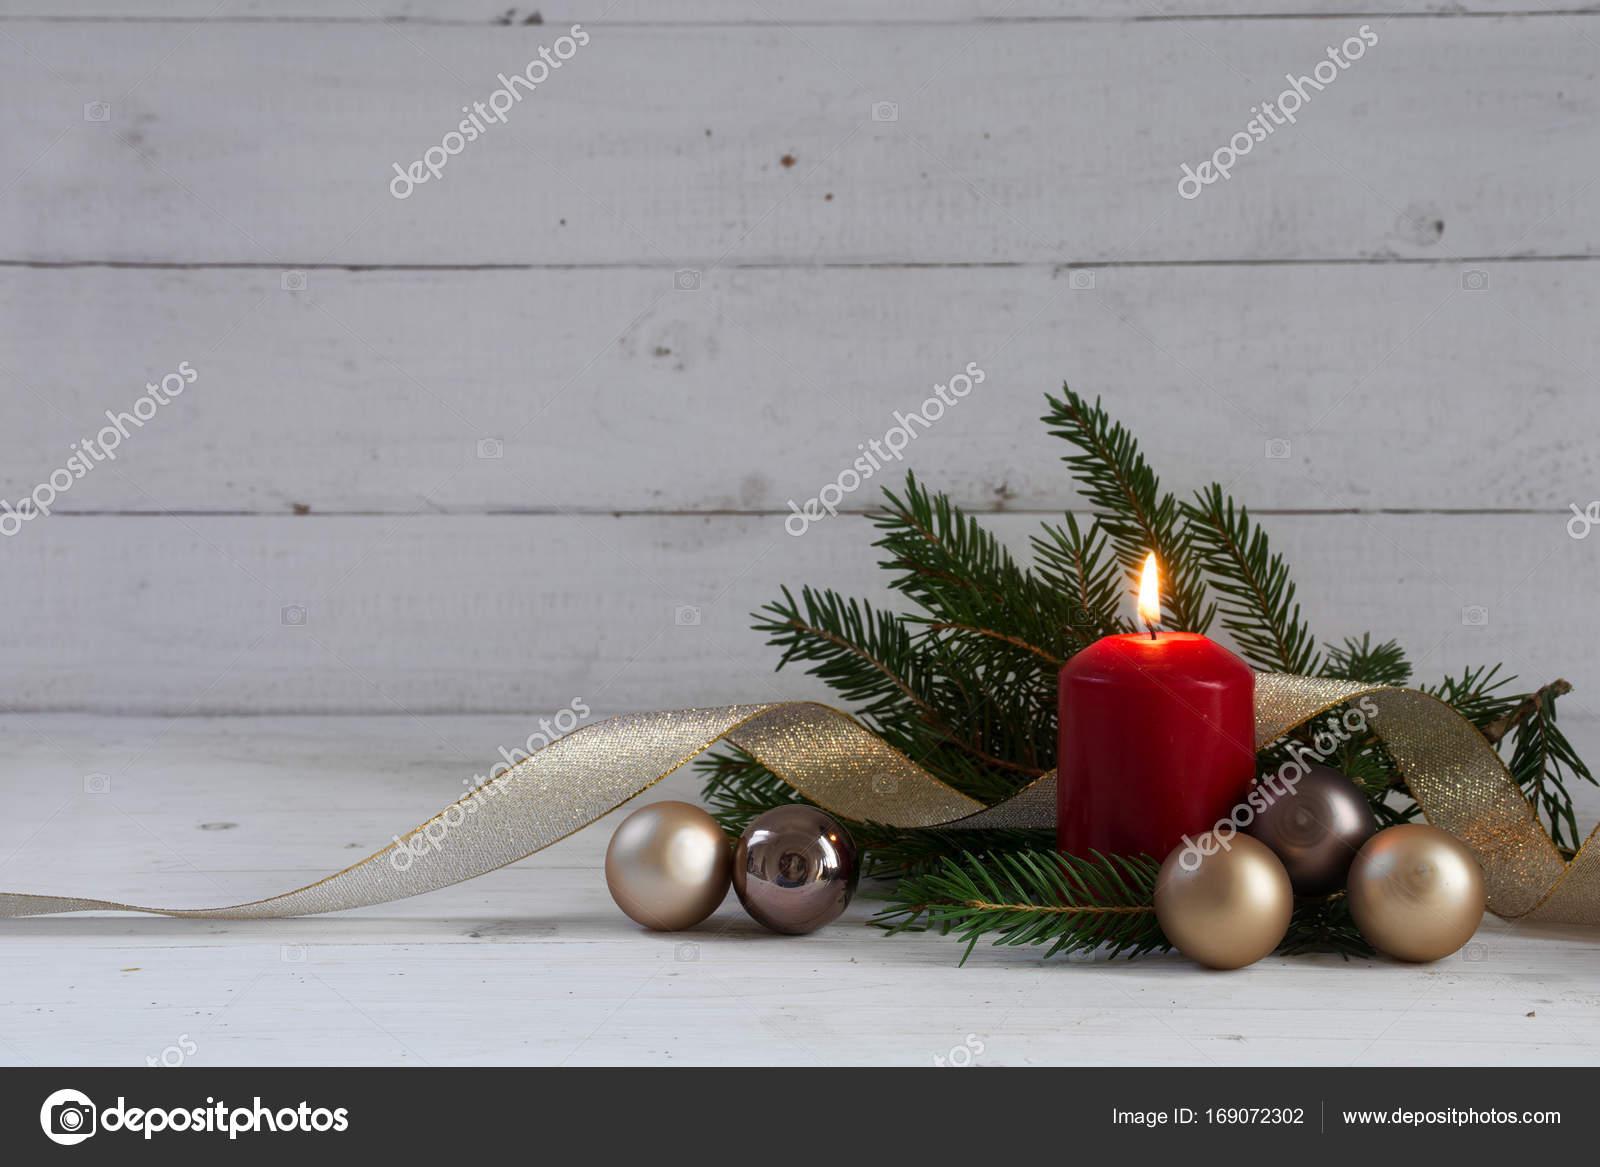 Kerstdecoraties Met Rood : Rood branden van de kaars met kerstdecoratie fir tree